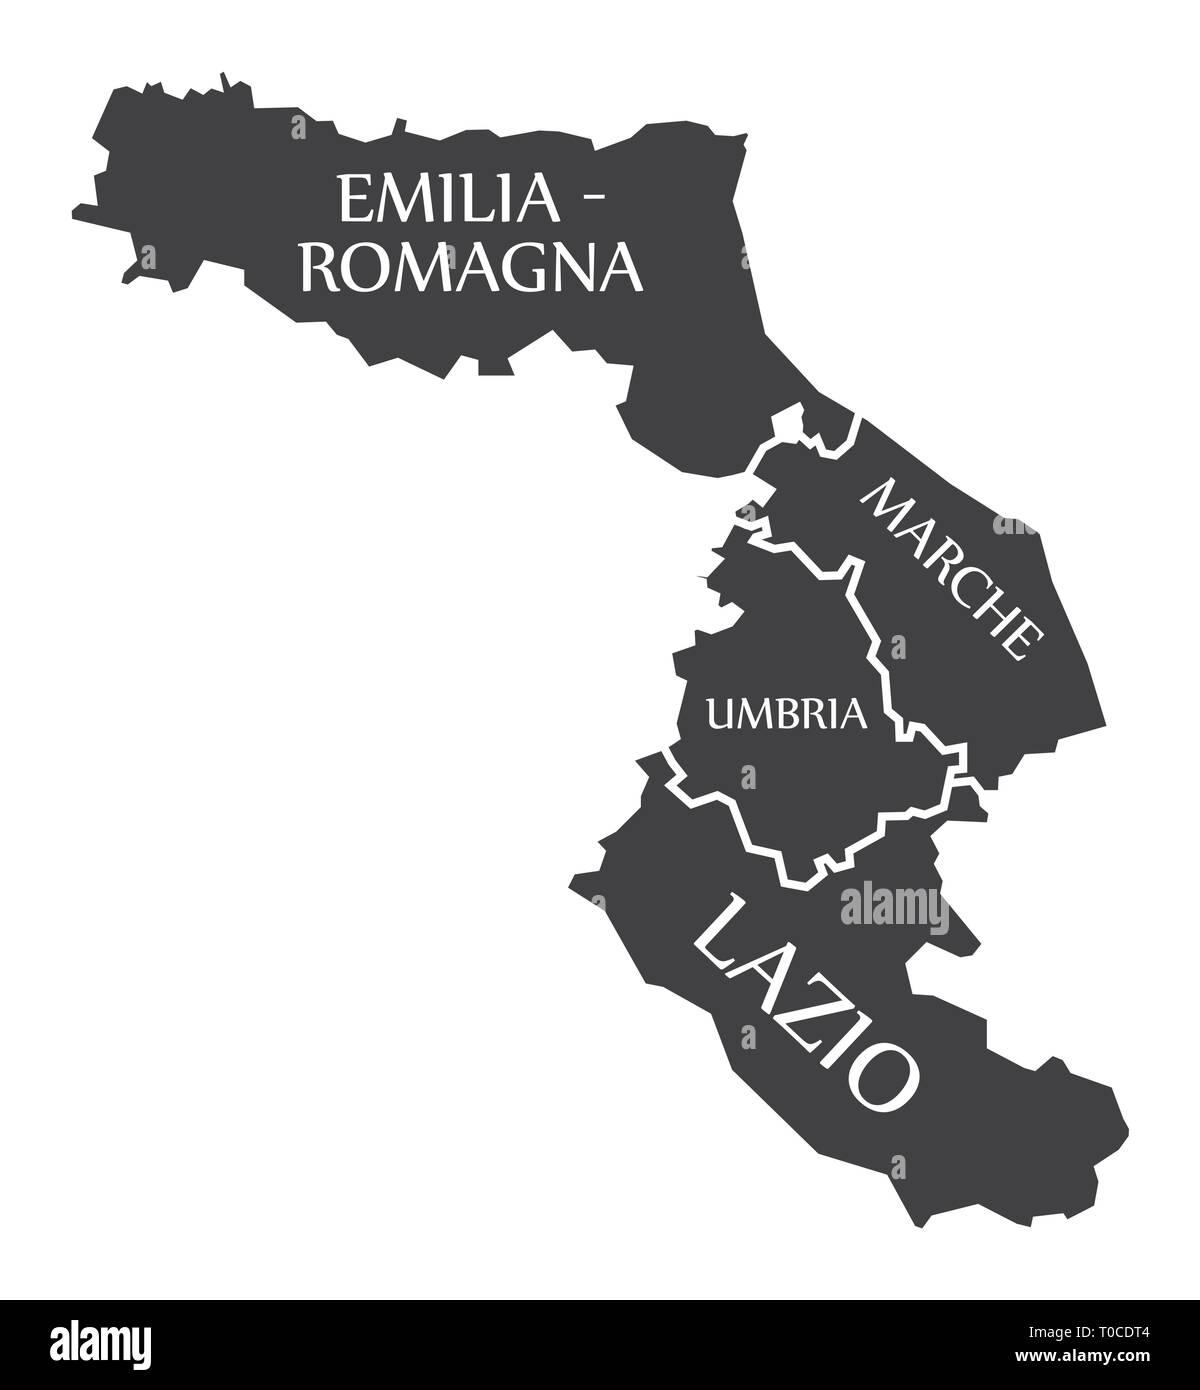 Cartina Politica Umbria E Marche.Emilia Romagna Marche Umbria Regione Lazio Mappa Italia Immagine E Vettoriale Alamy